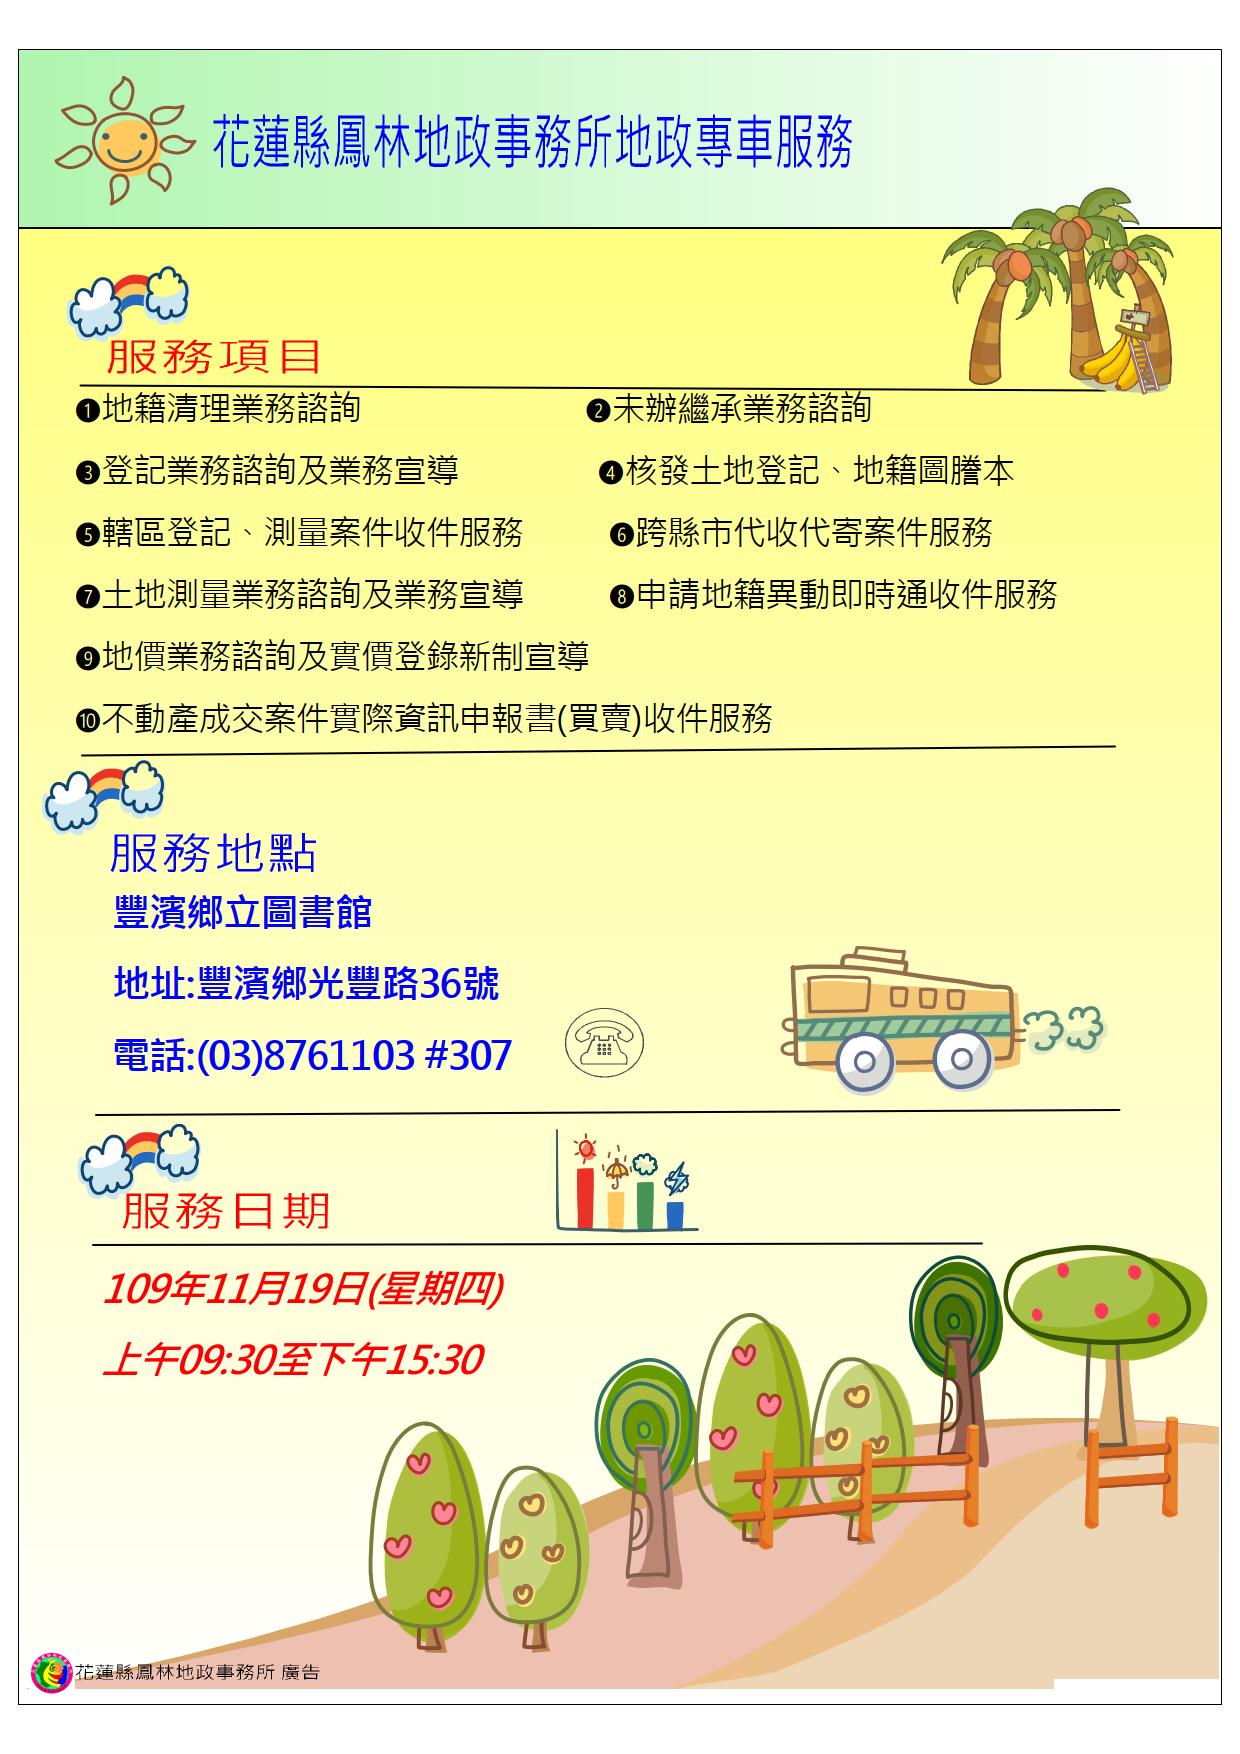 1091119地政專車服務宣傳海報